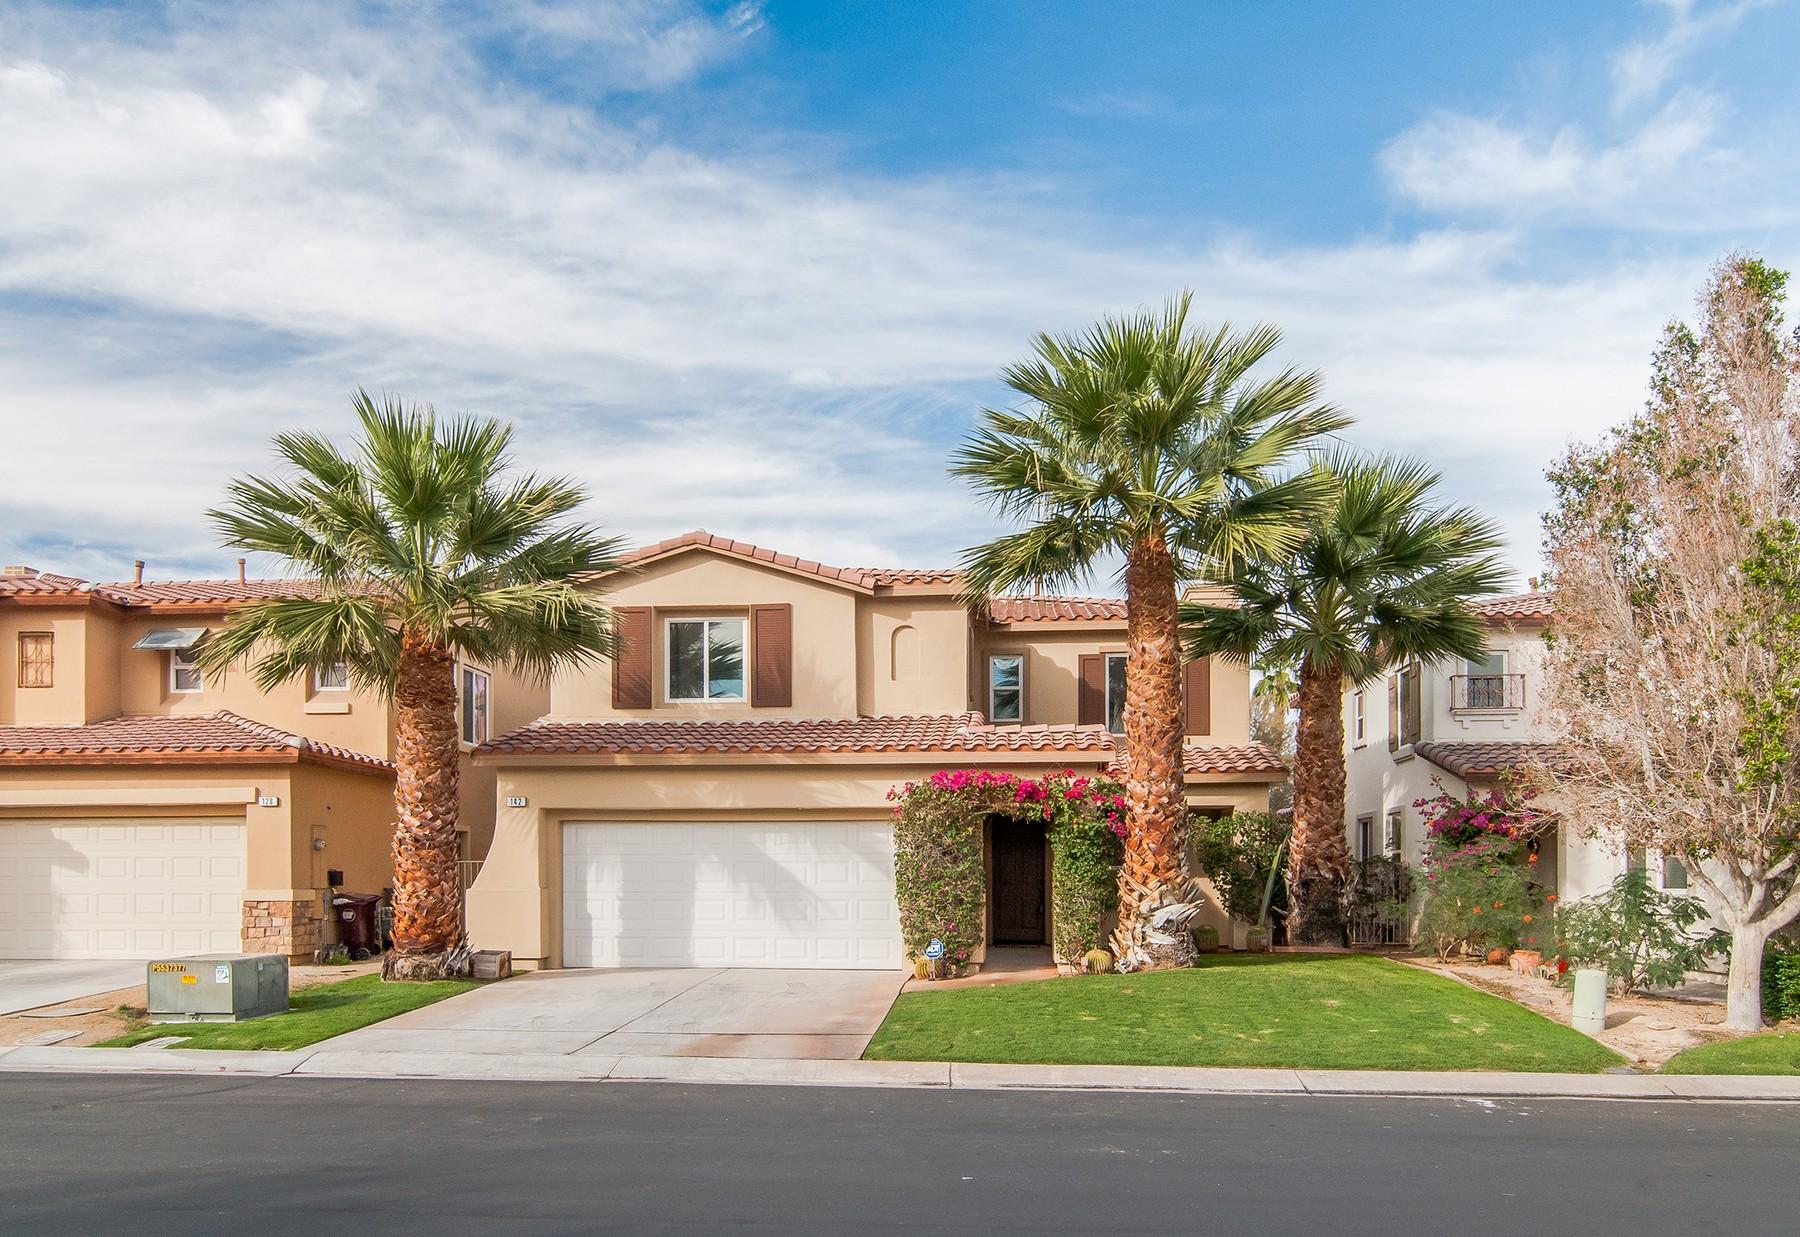 Частный односемейный дом для того Продажа на 142 Paseo Vista Circle Palm Desert, Калифорния, 92260 Соединенные Штаты